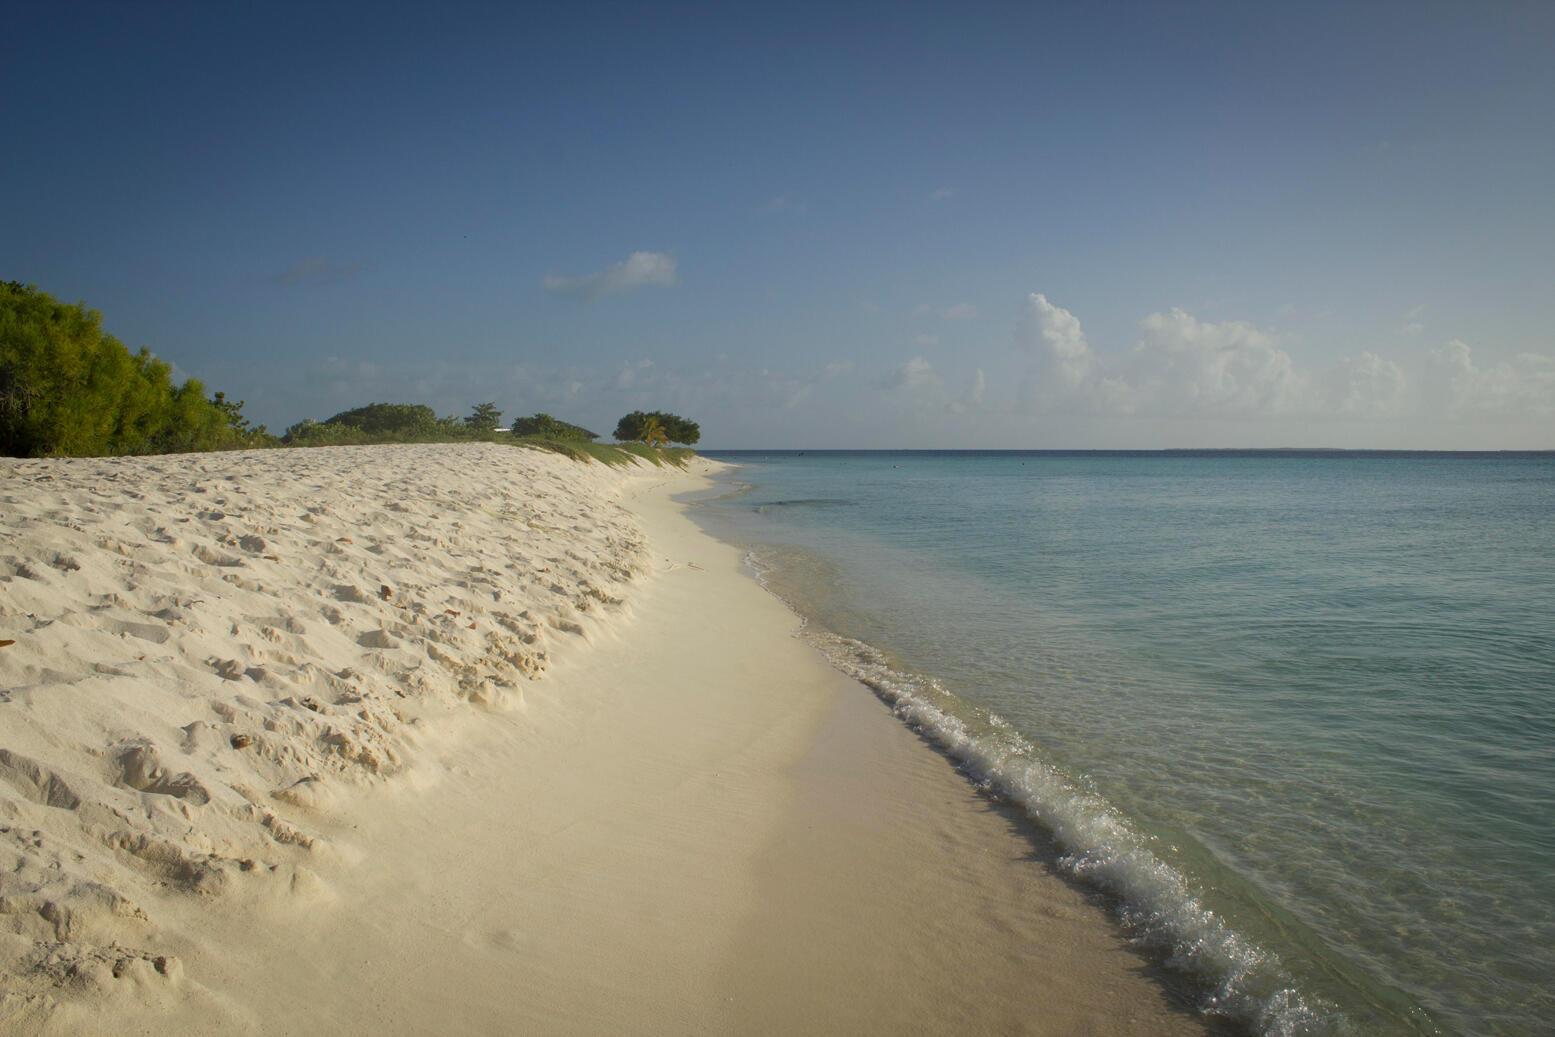 Playa venezolana.